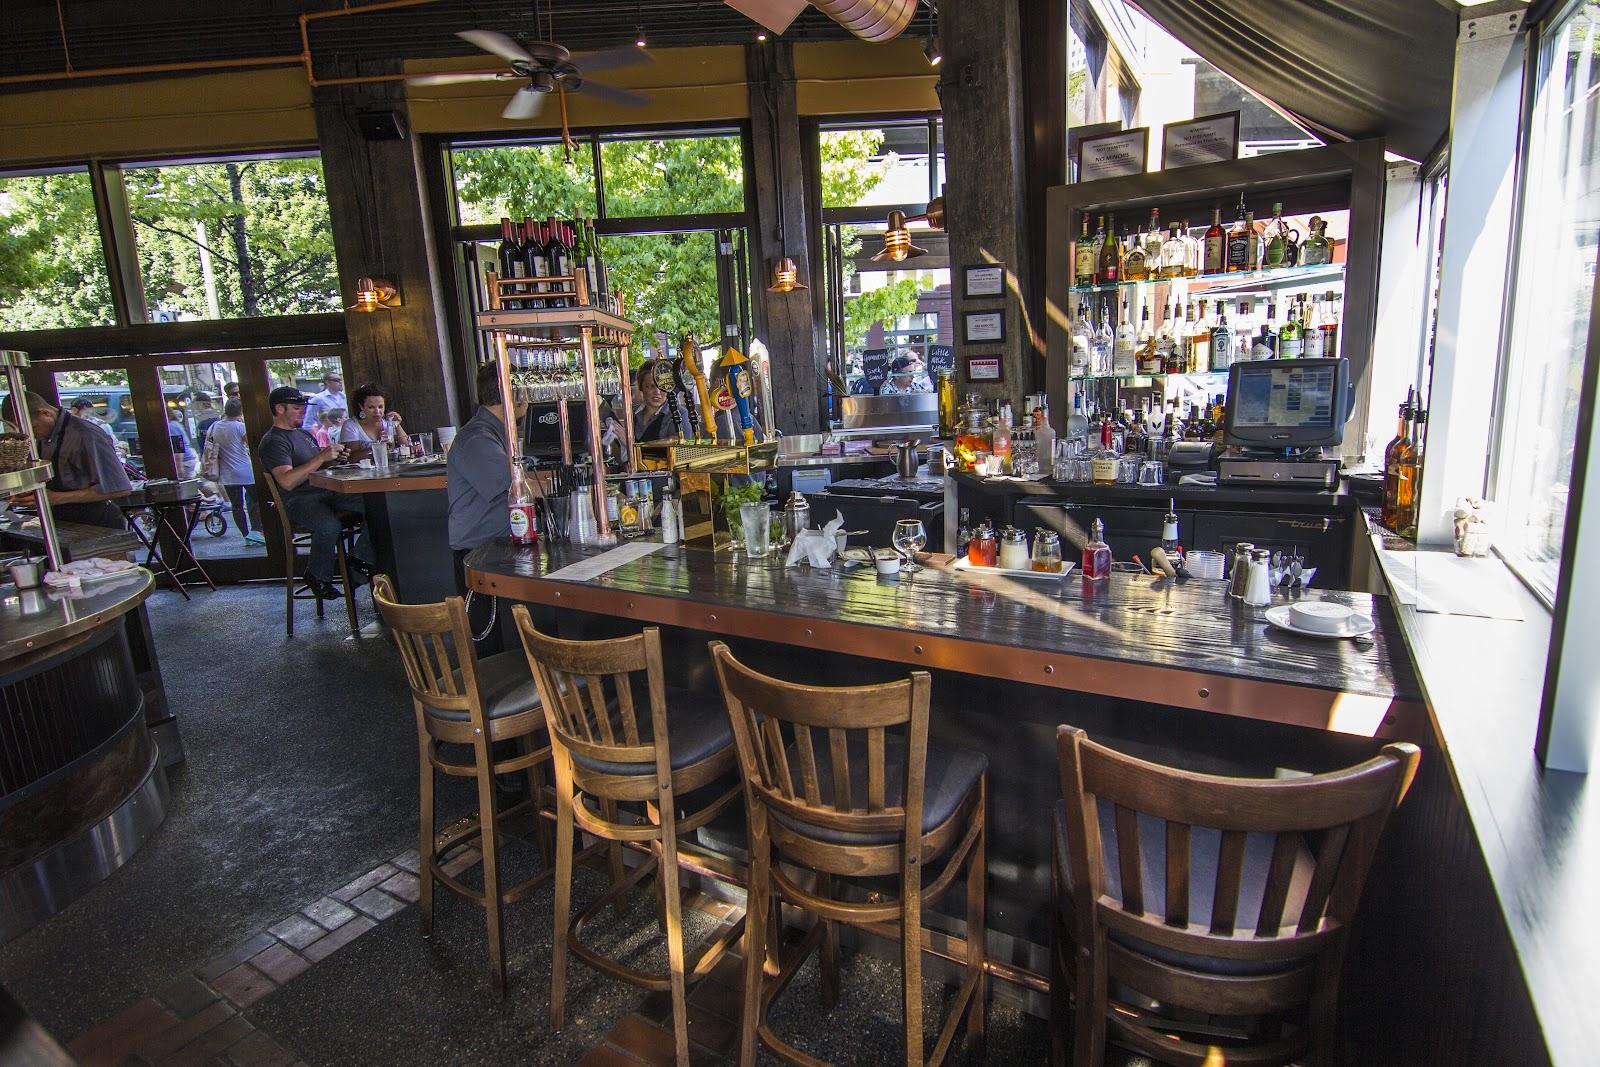 Bellevue Restaurants New Years